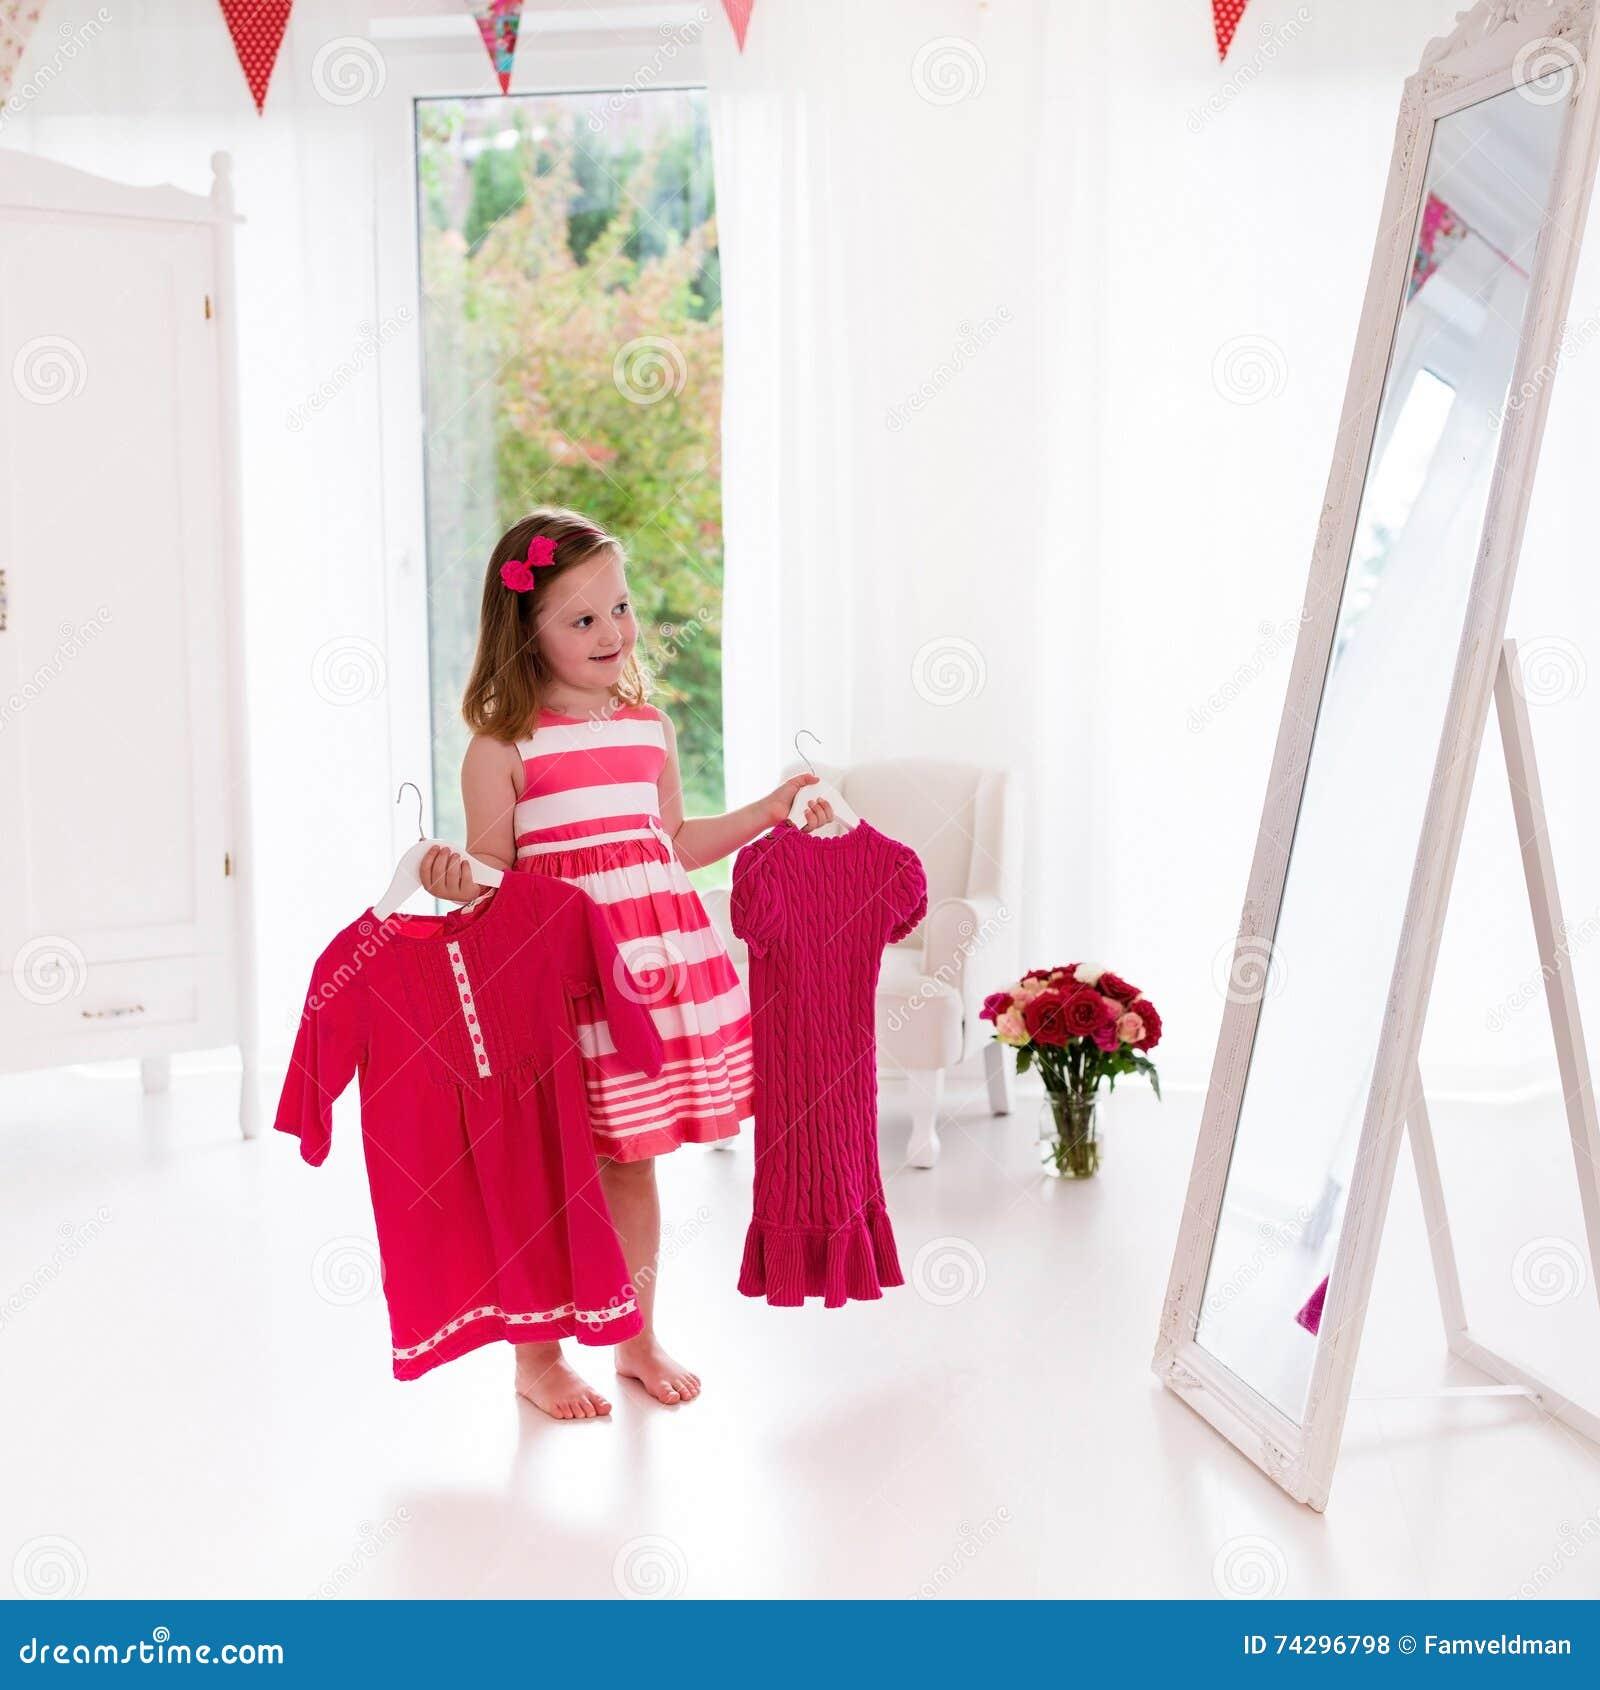 db8c72cff40e Bambina Che Sceglie I Vestiti In Camera Da Letto Bianca Fotografia ...